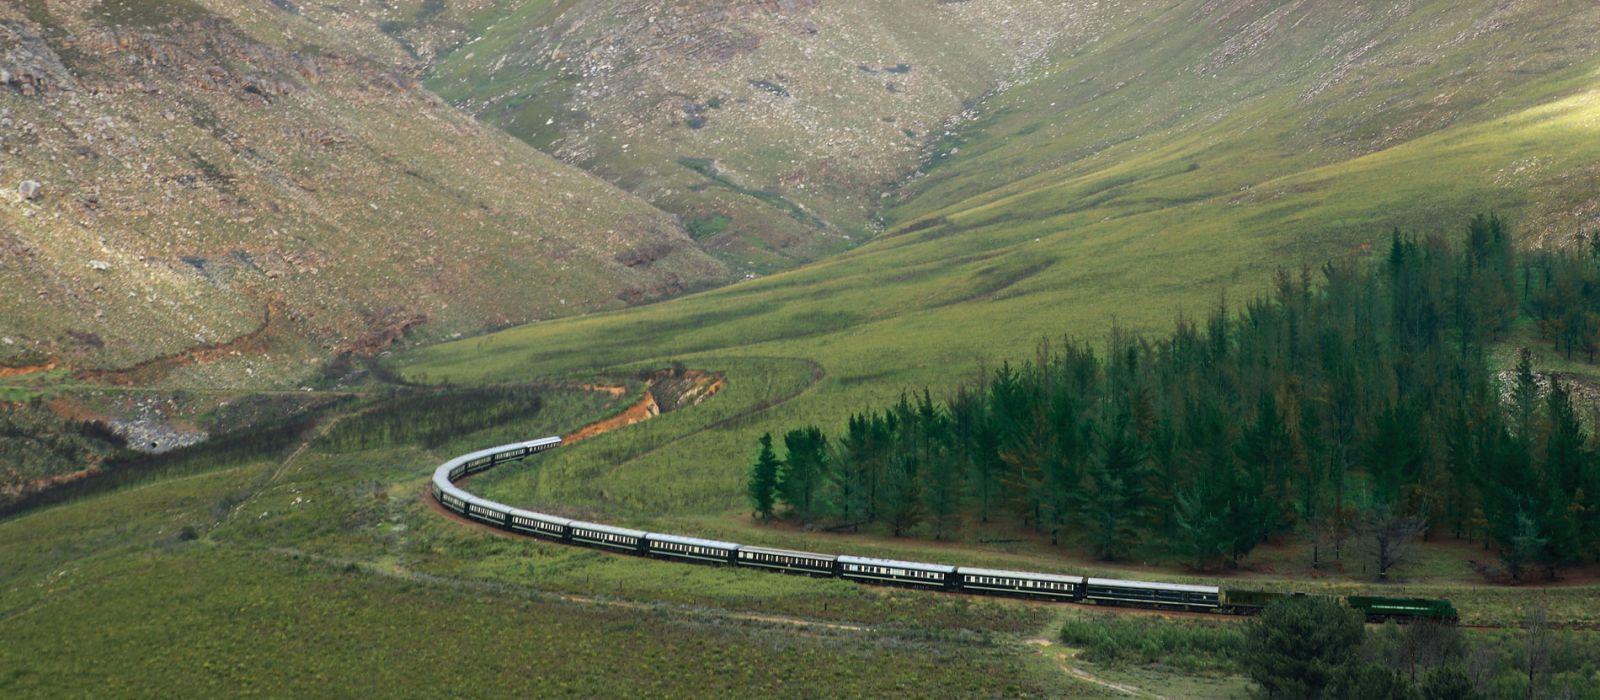 Südafrika, Simbabwe & Botswana: Magische Wasserwelten & Abenteuer Rovos Rail Urlaub 1